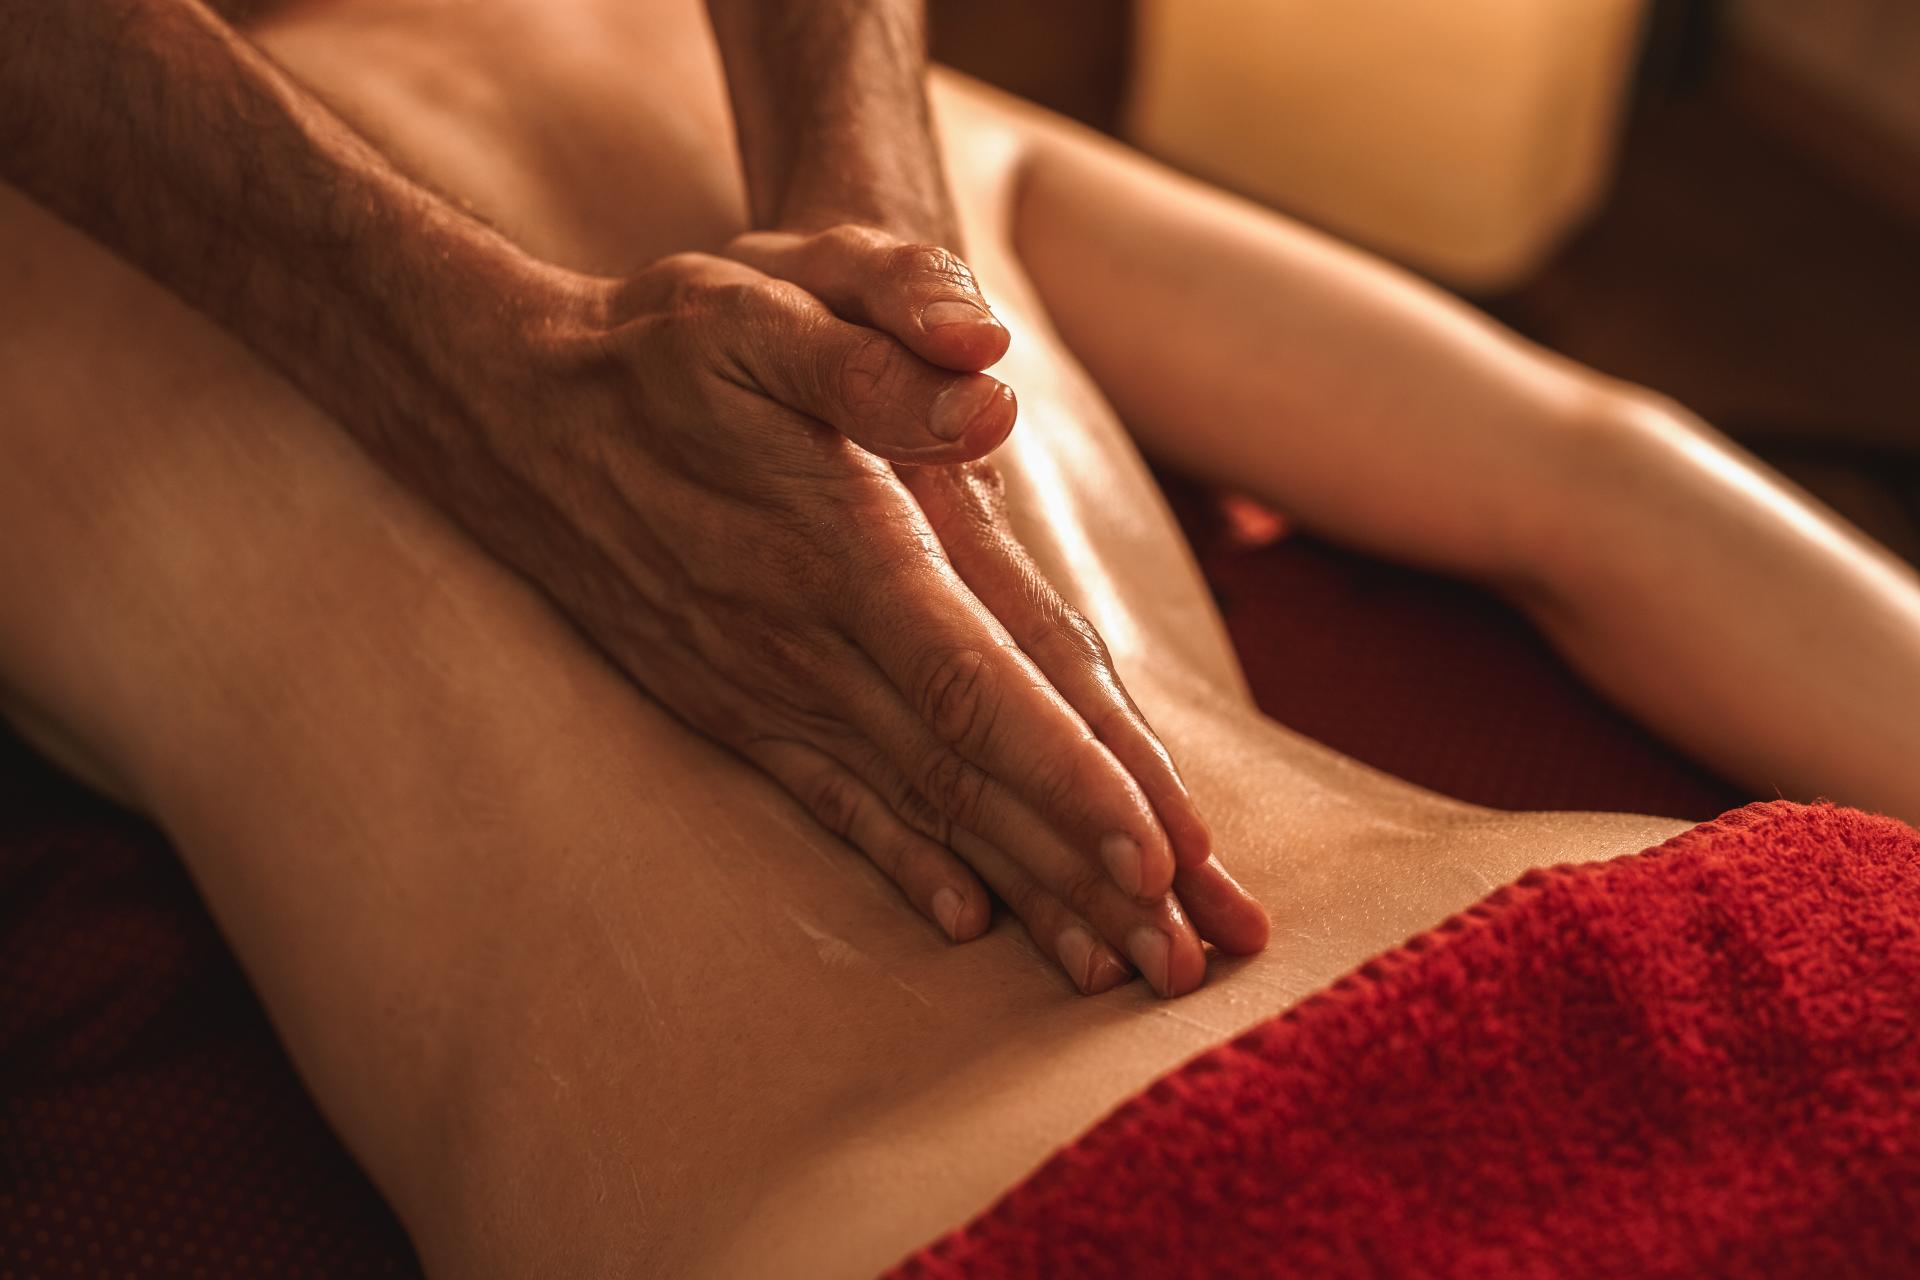 El masaje Abhyanga, uno de los tratamientos más solicitados en el Centro de Estética y Belleza Kainis Rituals